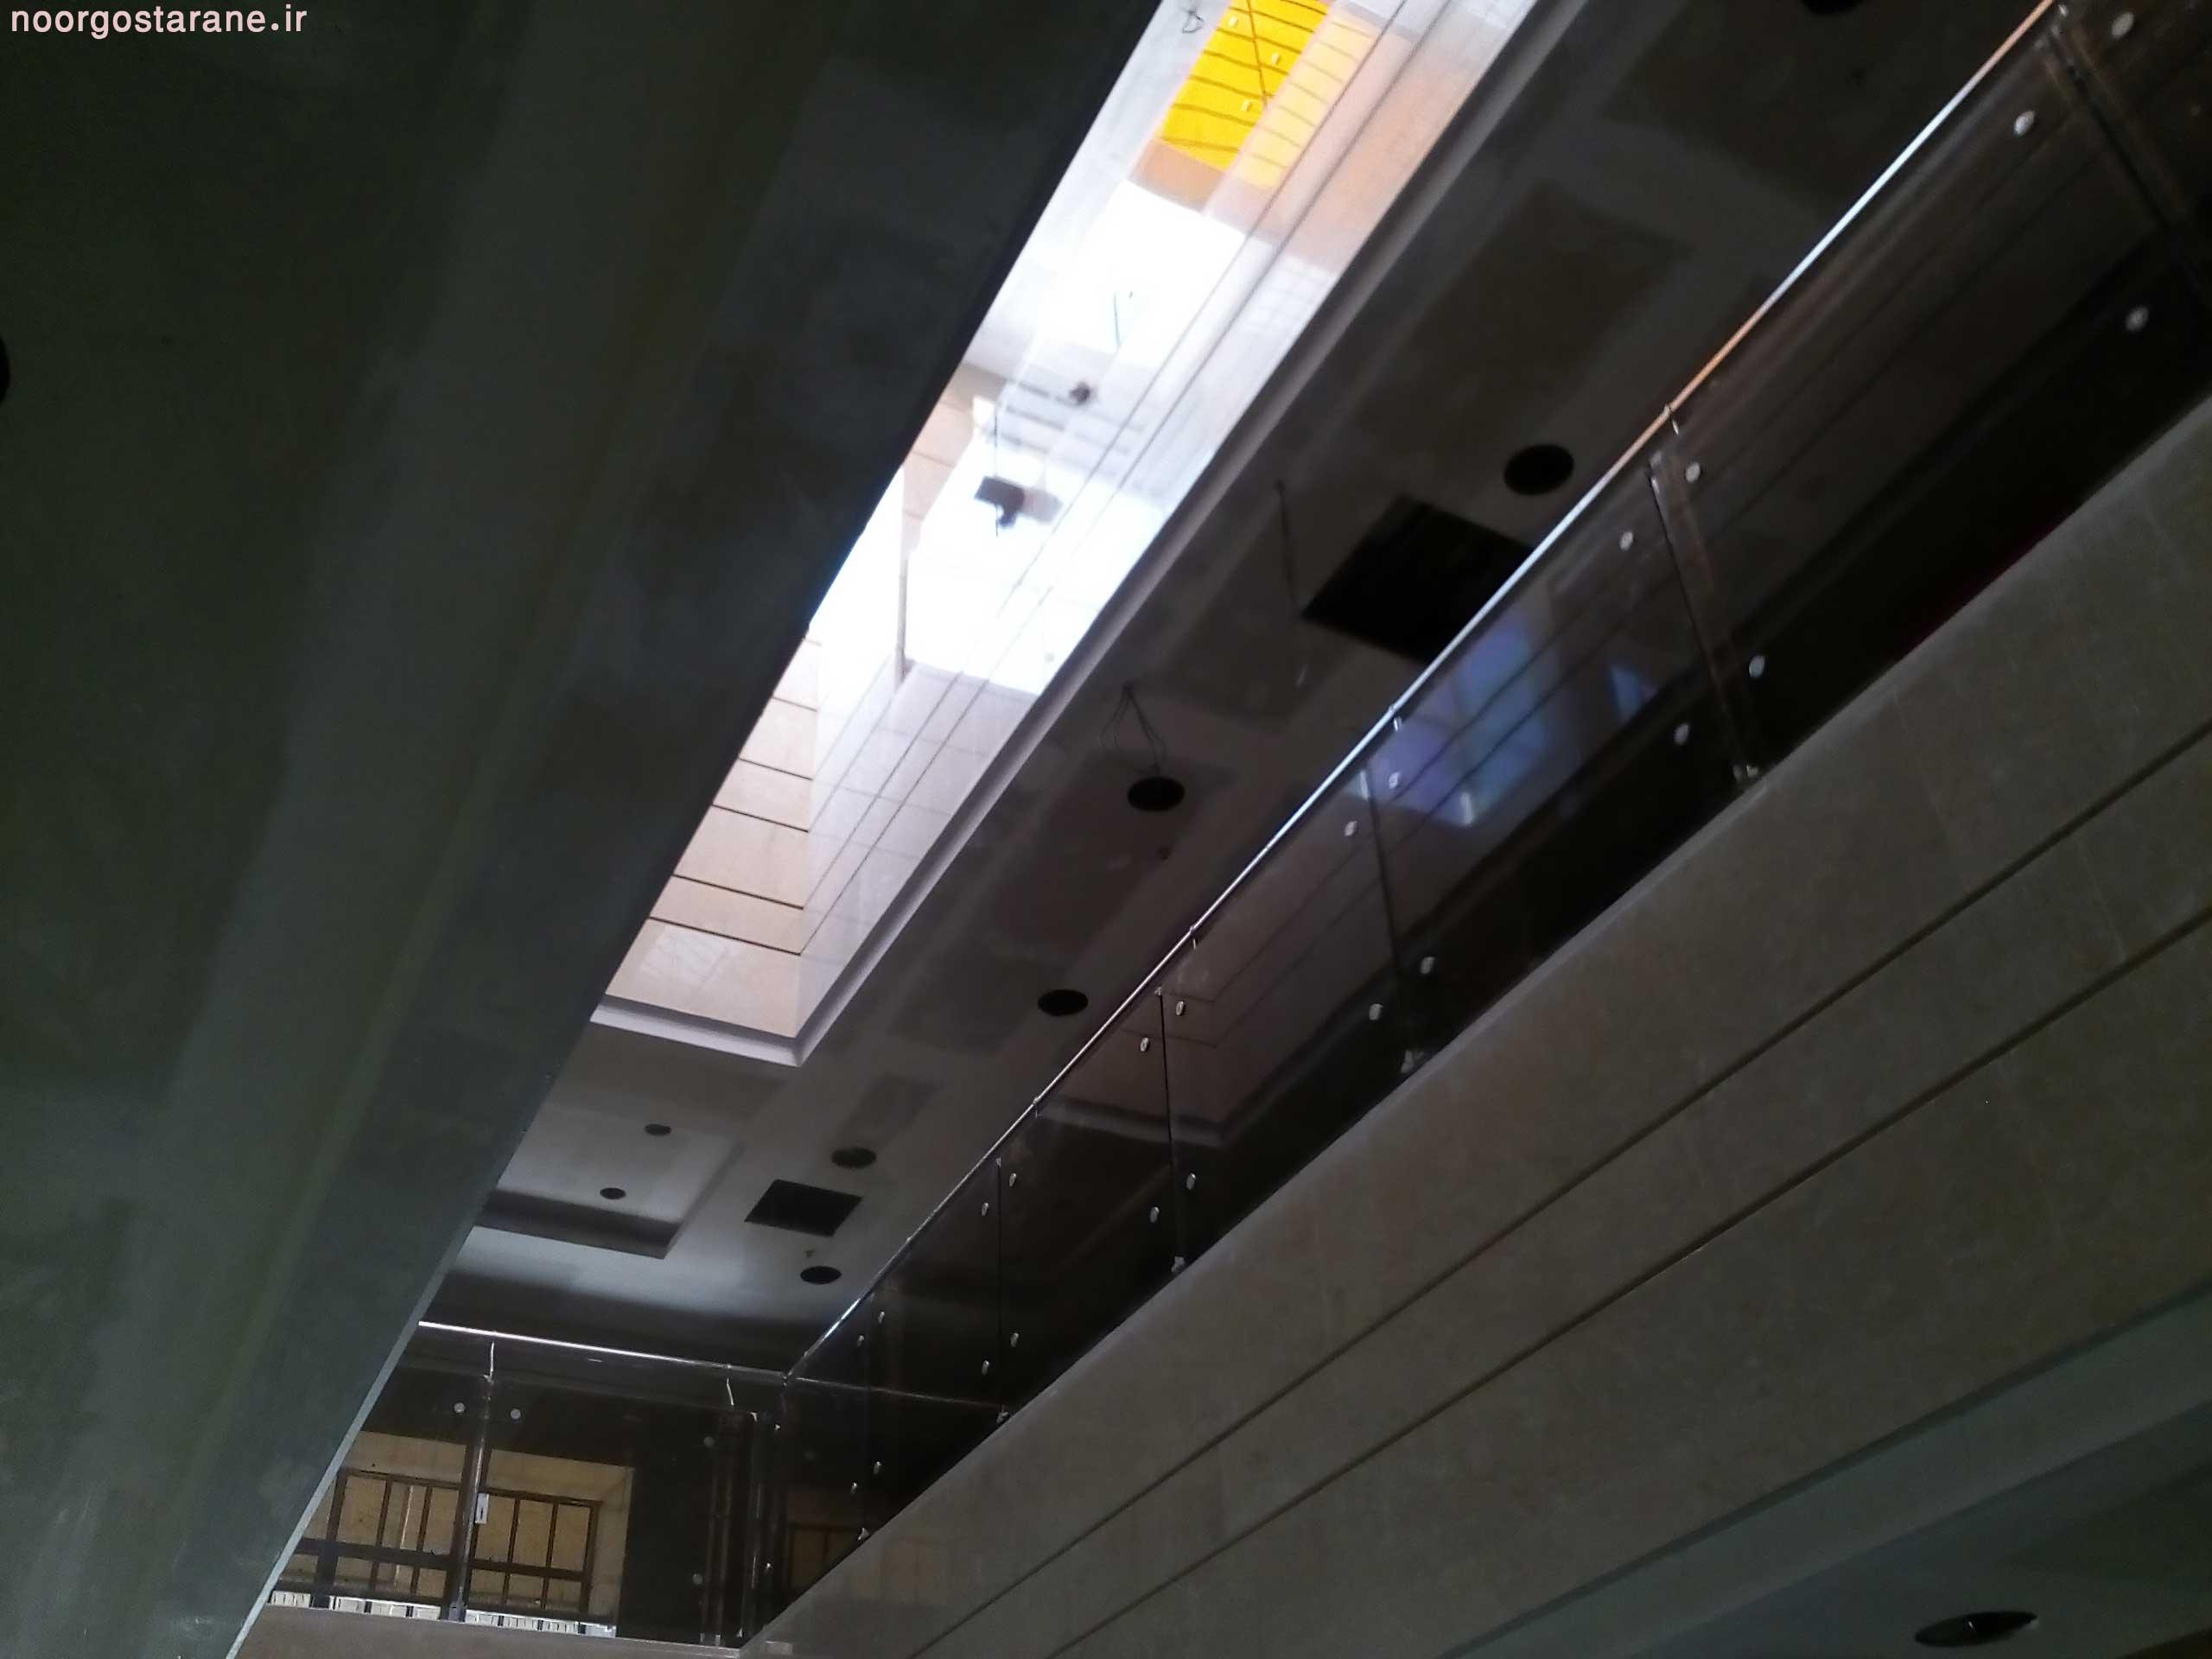 نمونه پروژه برقکاری